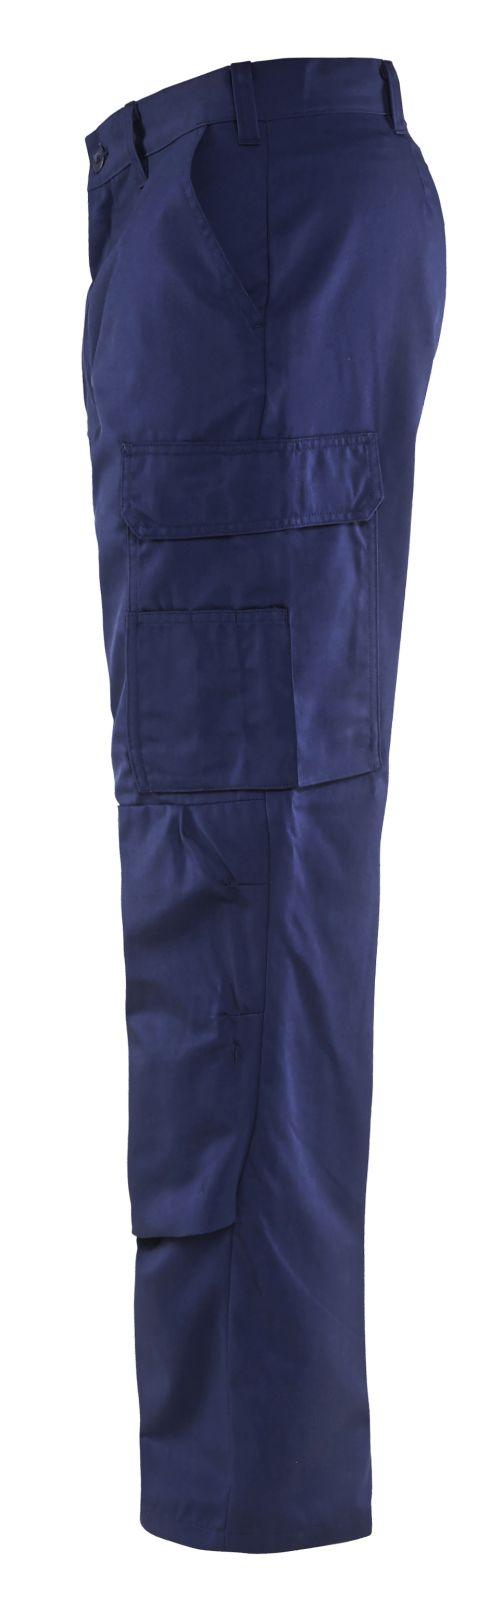 Blaklader Werkbroeken 14011800 marineblauw(8900)